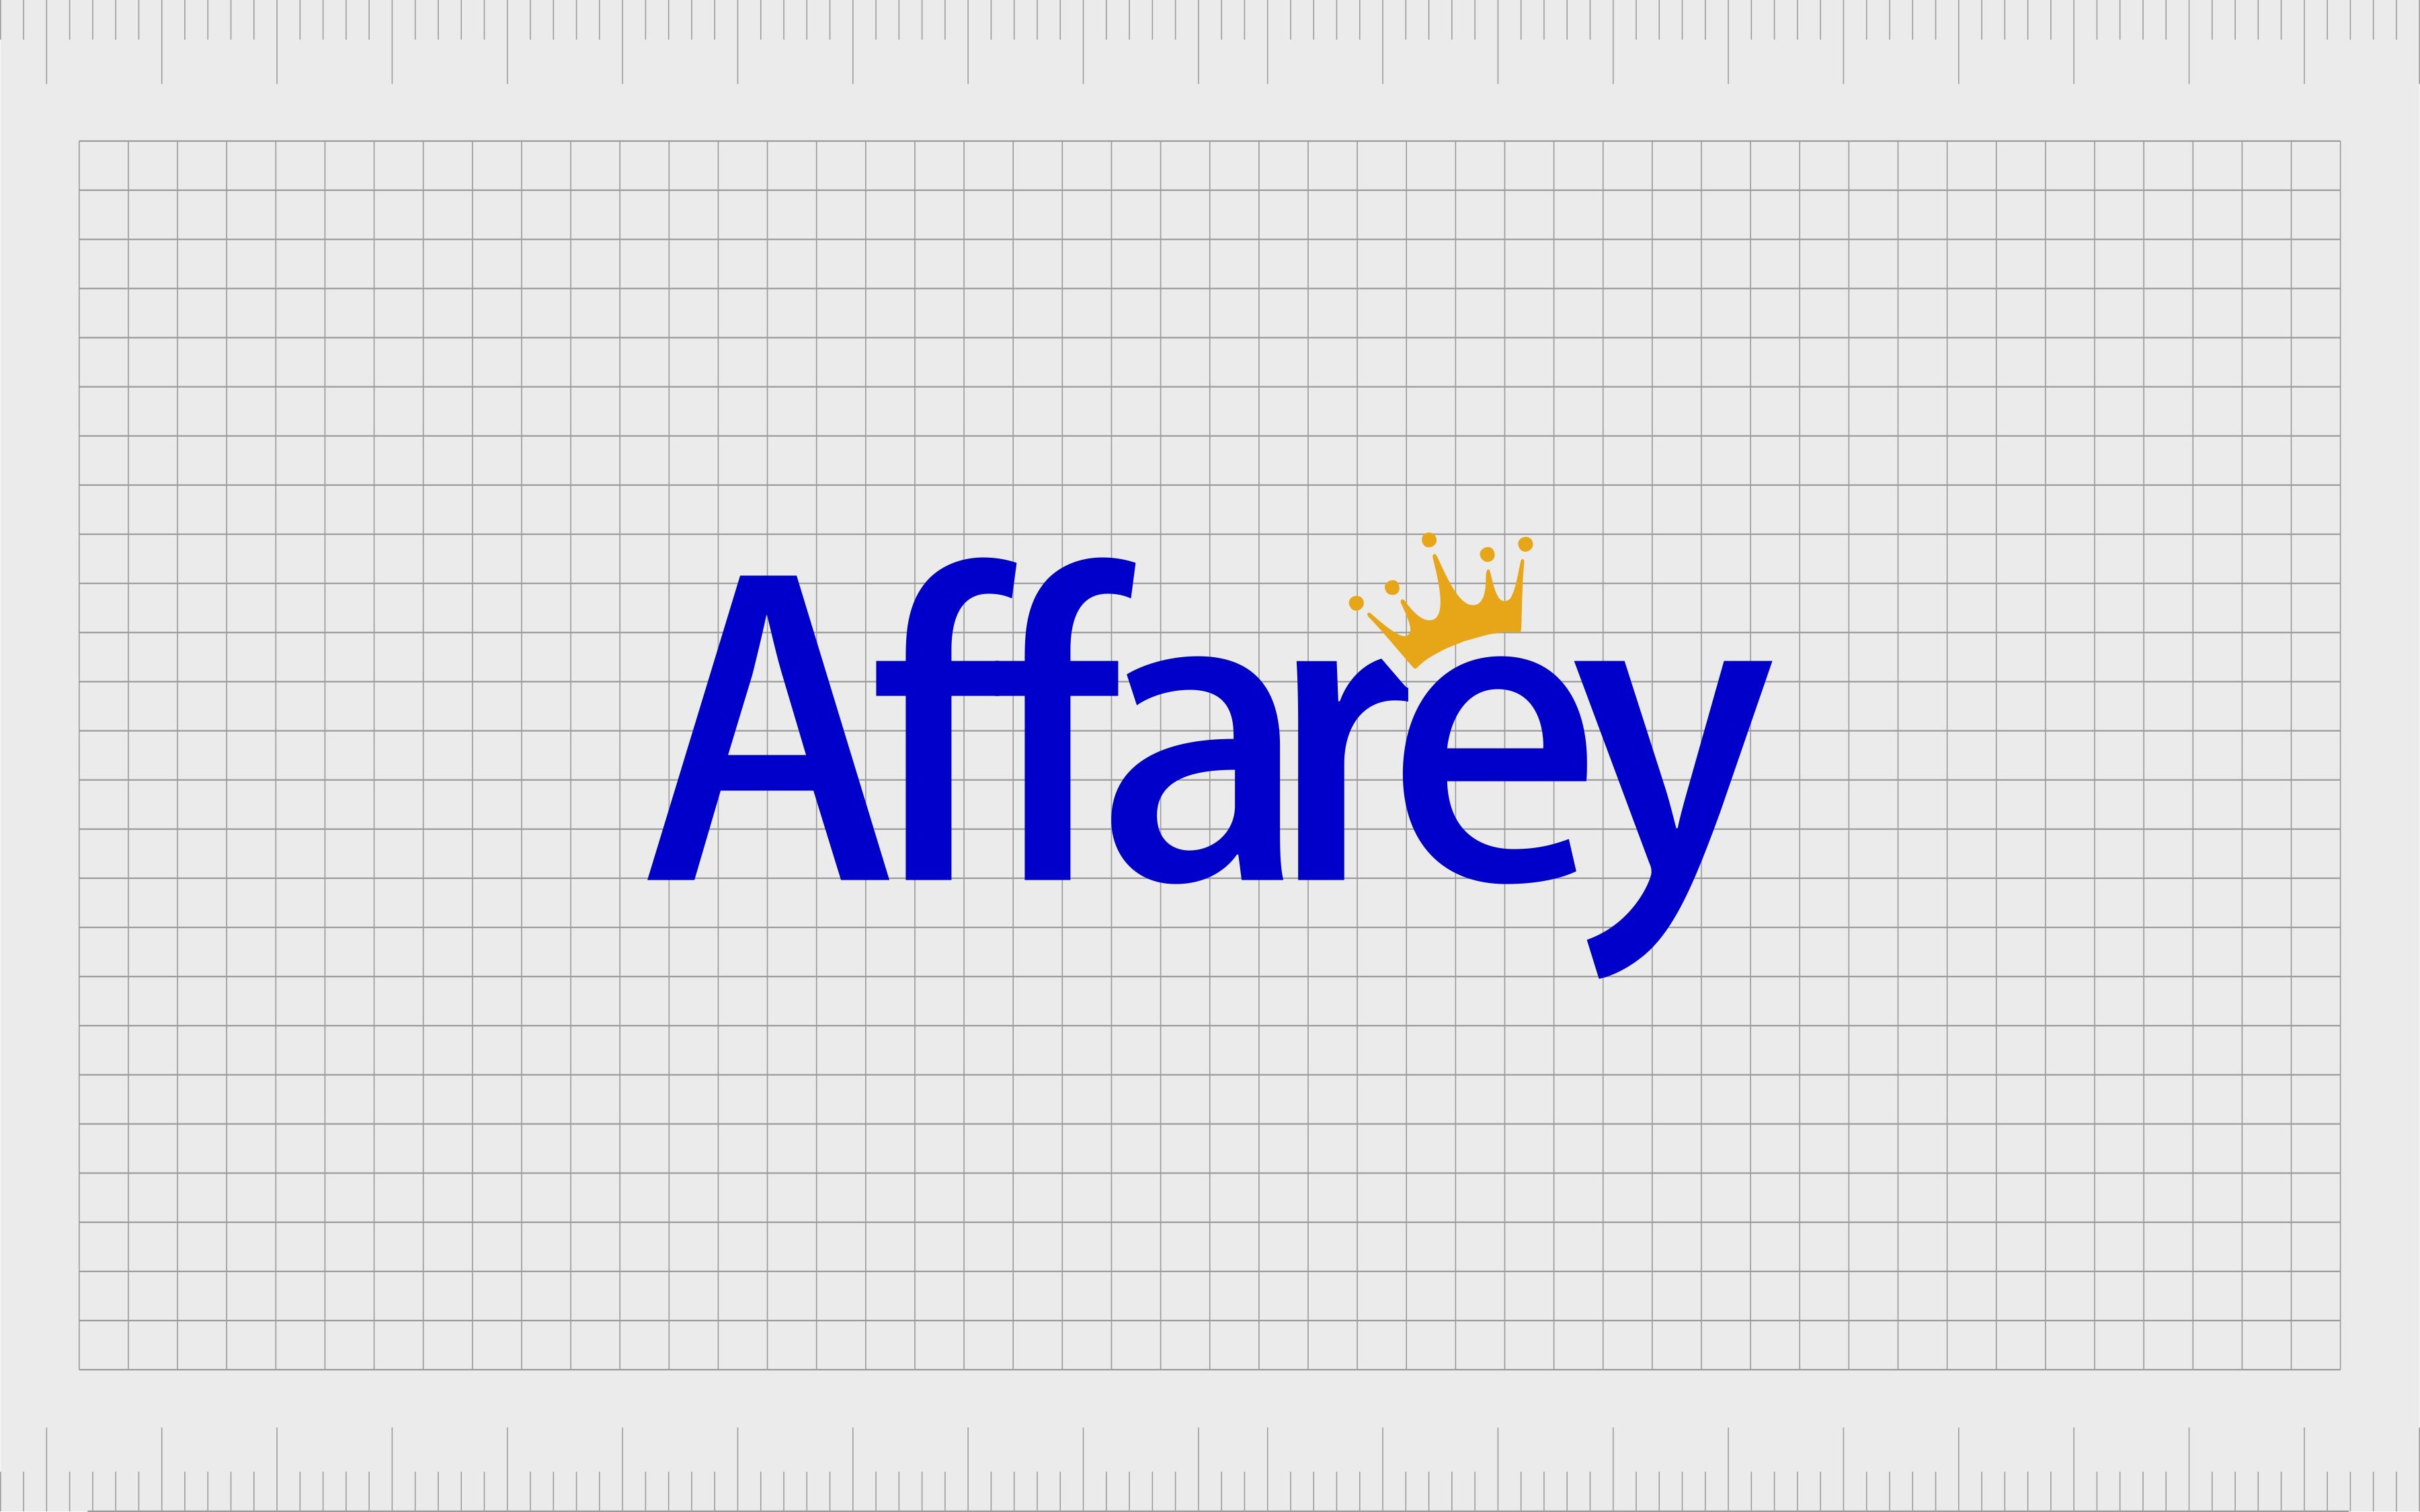 Affarey